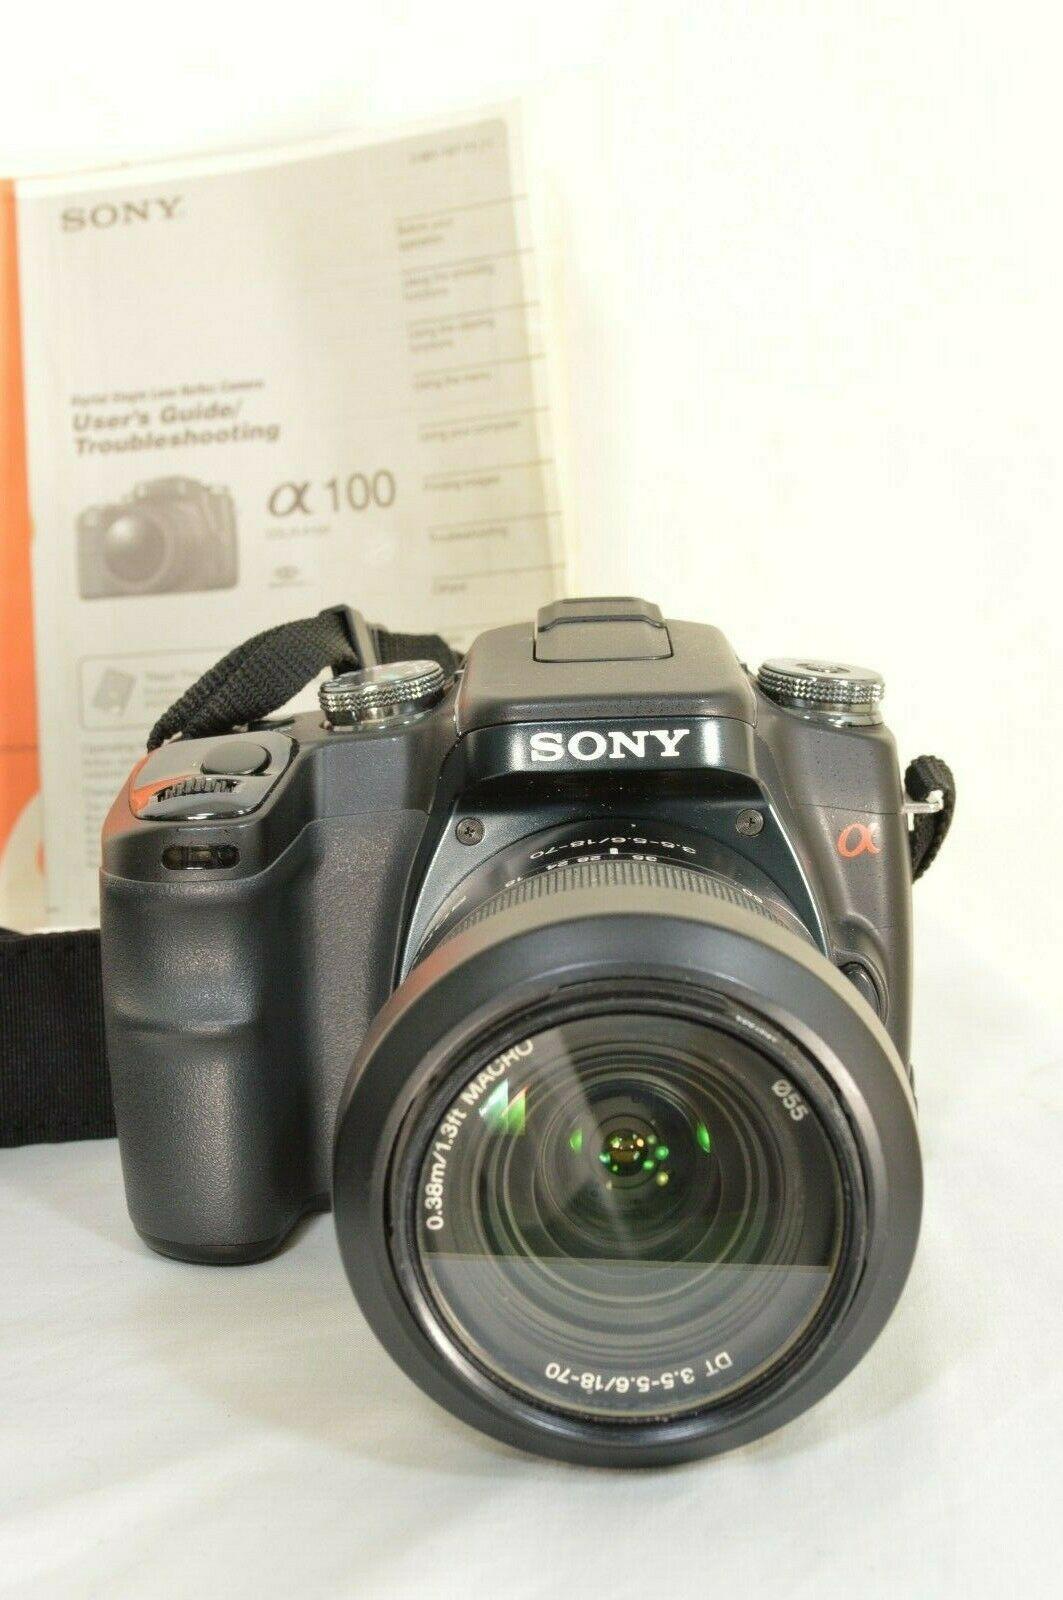 Sony Alpha a100 10.2MP Digital SLR Camera - Black (Kit w/ DT 18-70mm Lens) image 3